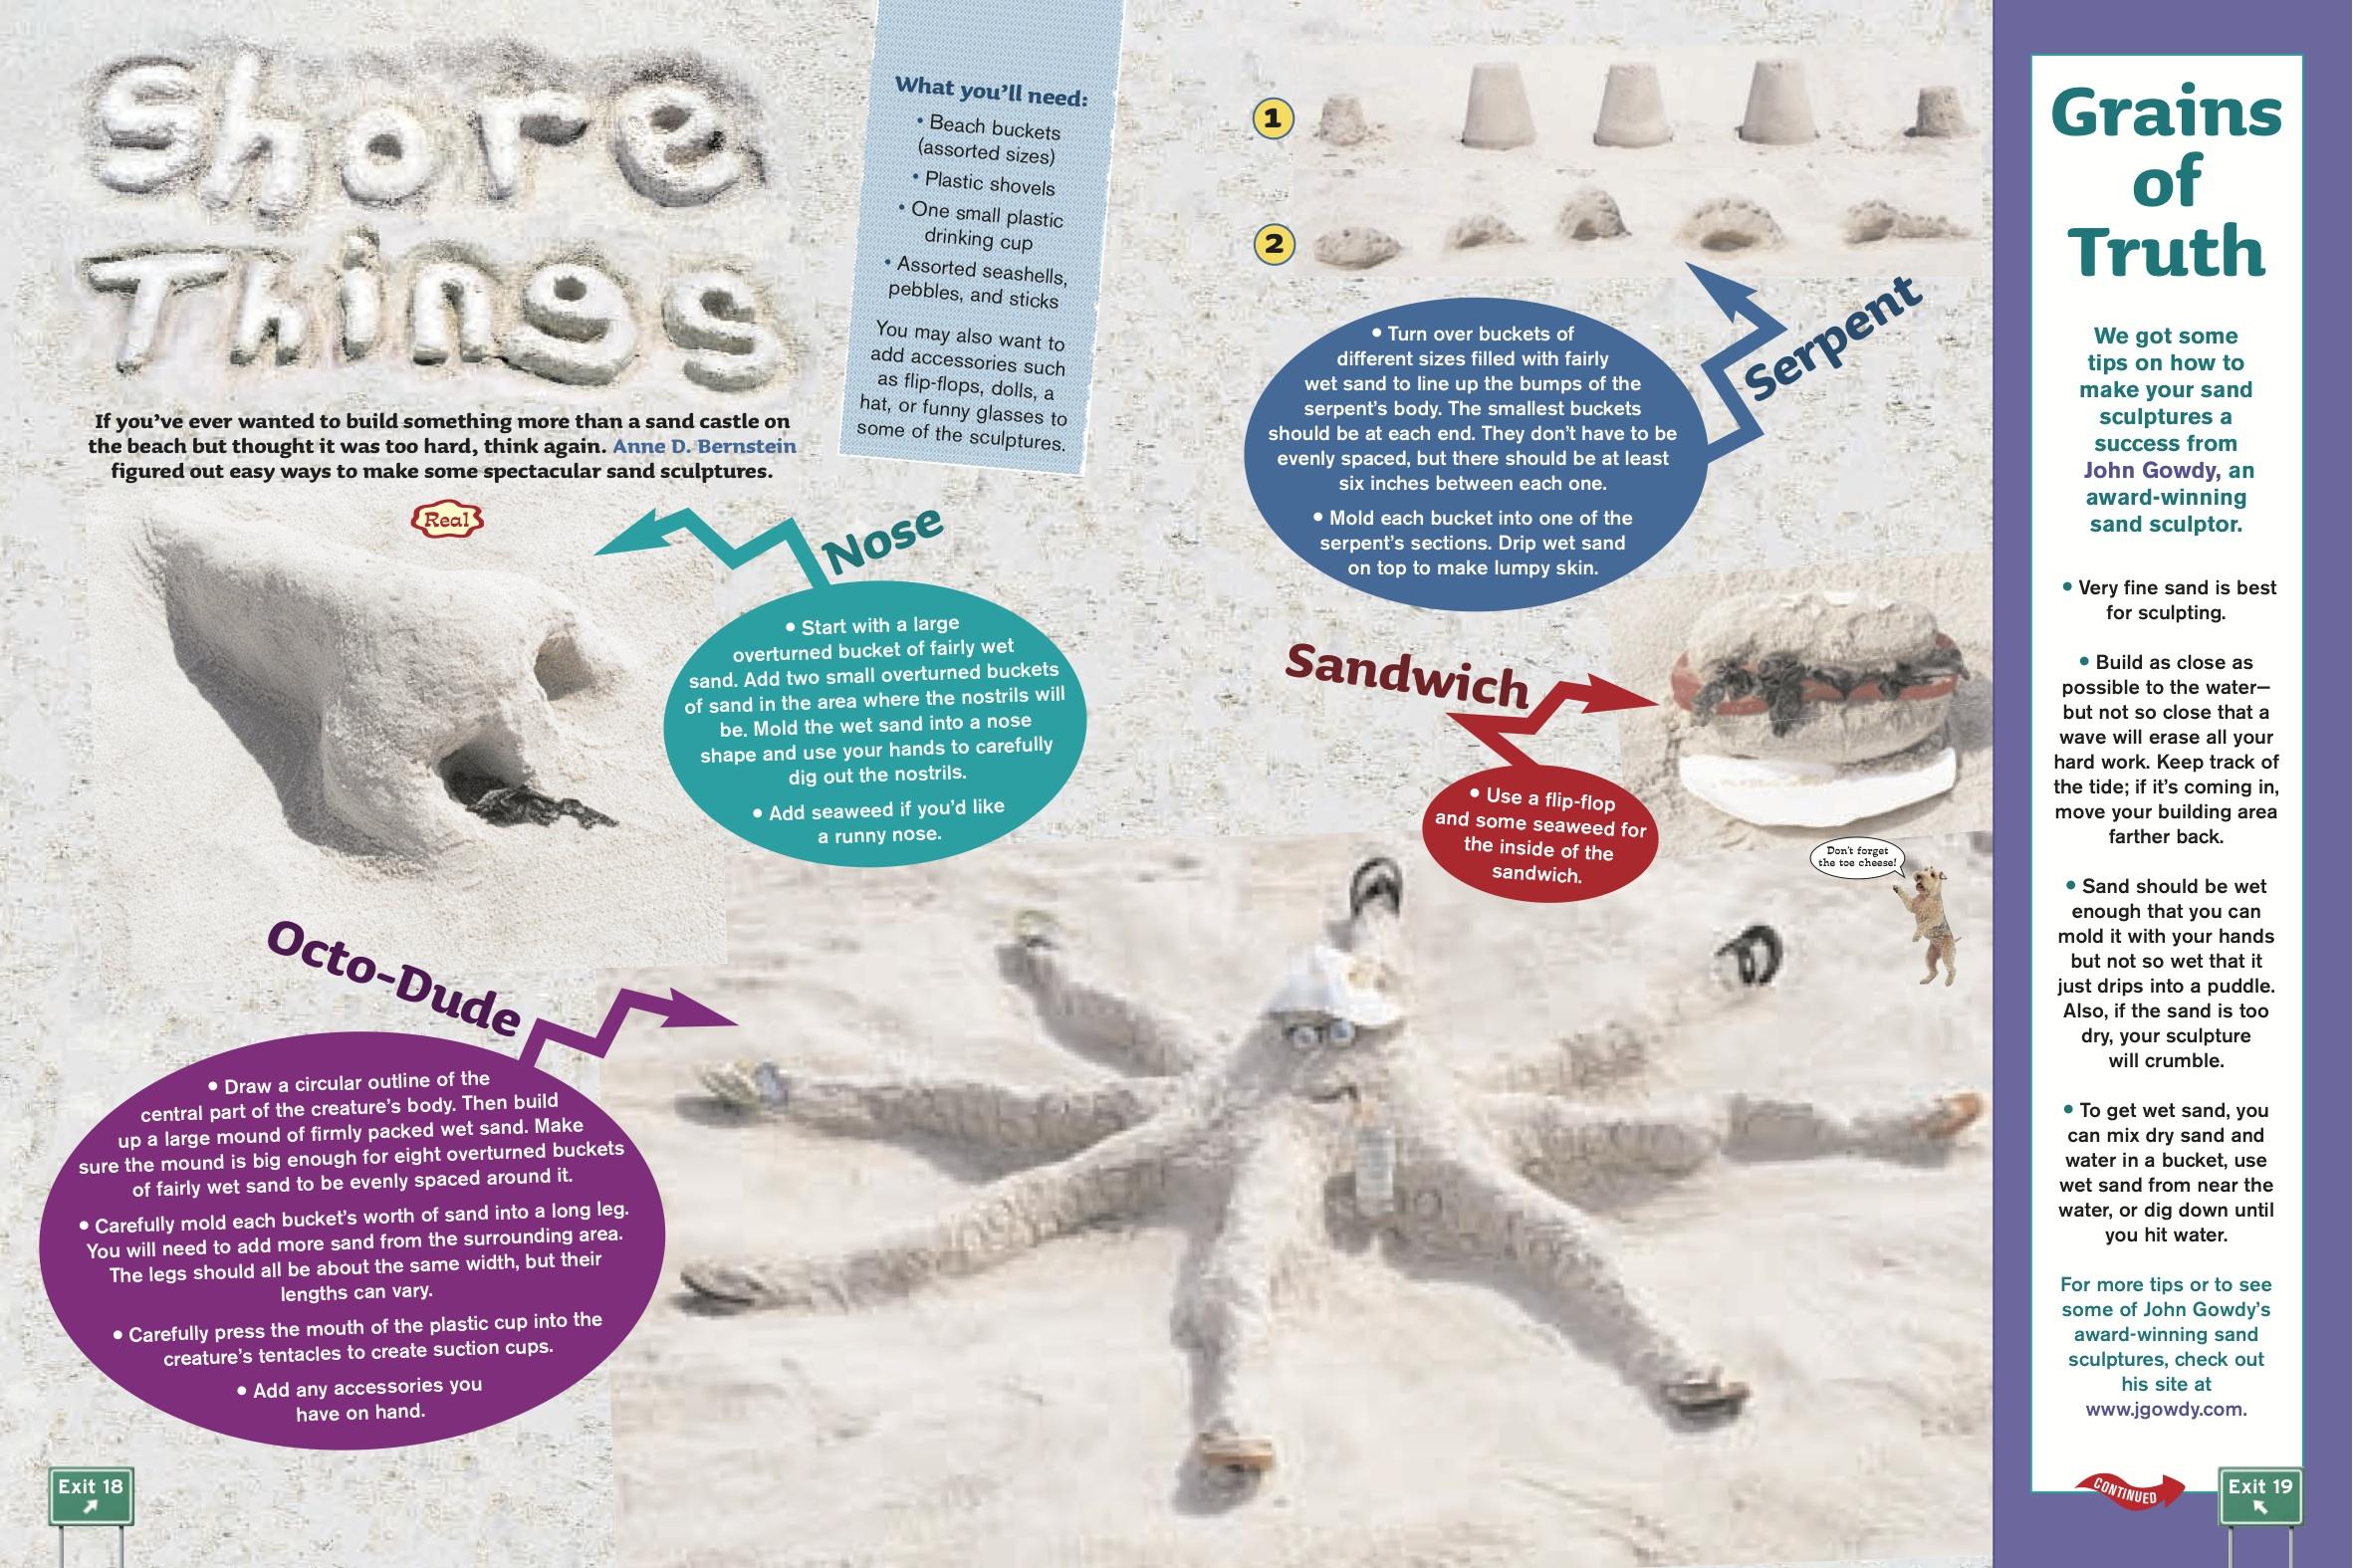 NickelodeonMagazine_Shore Things.jpg